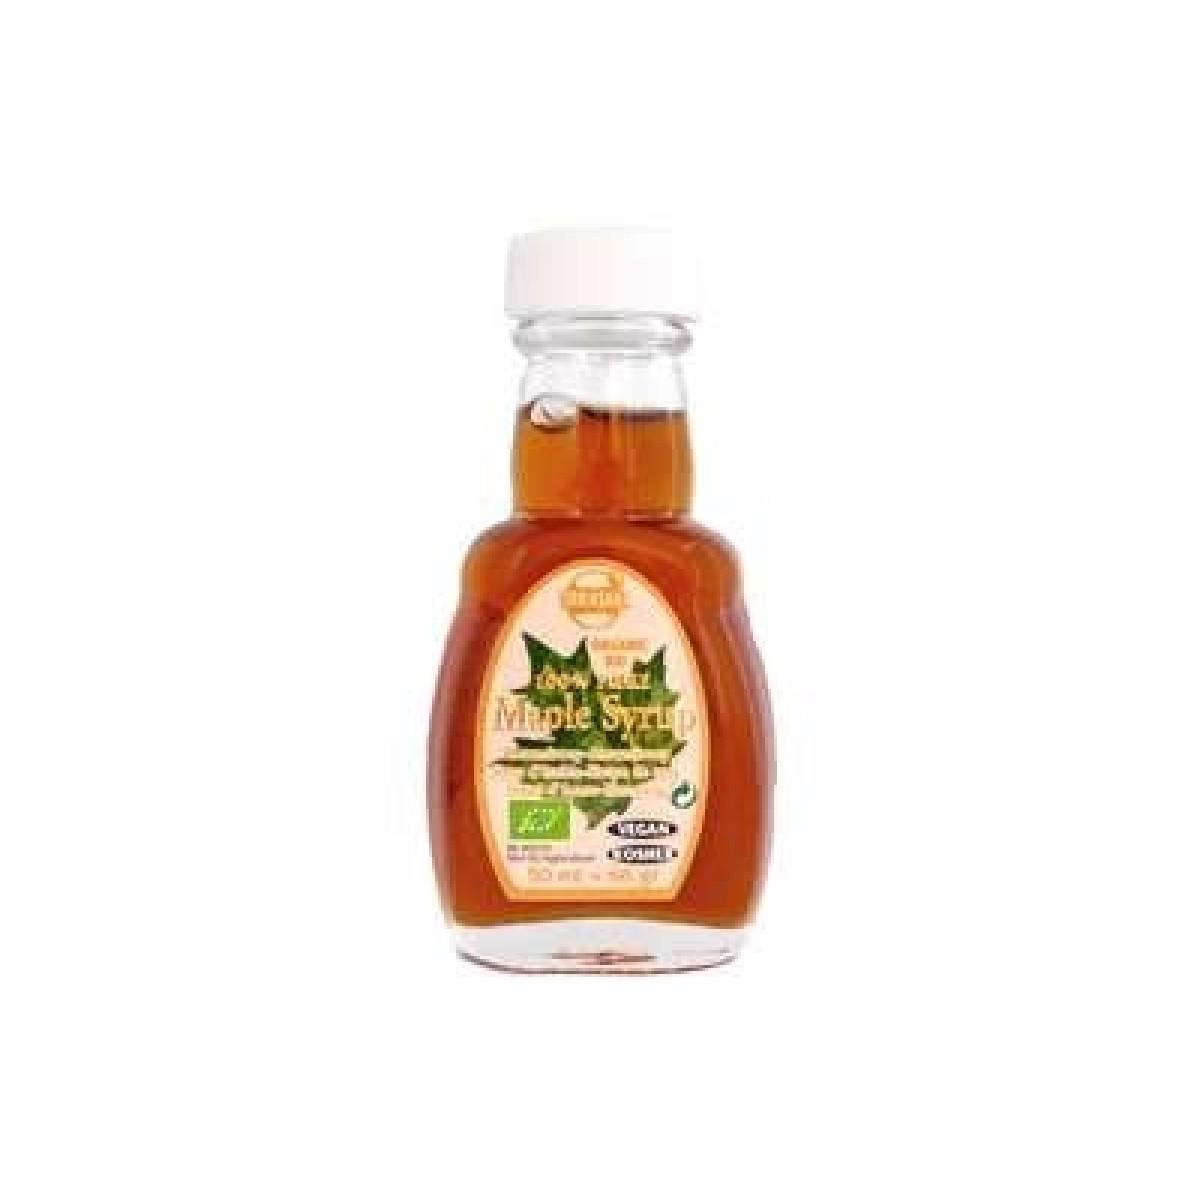 Ahornsiroop A 50 ml